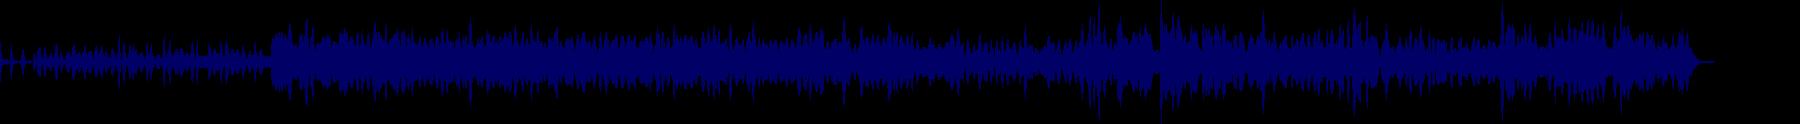 waveform of track #66328